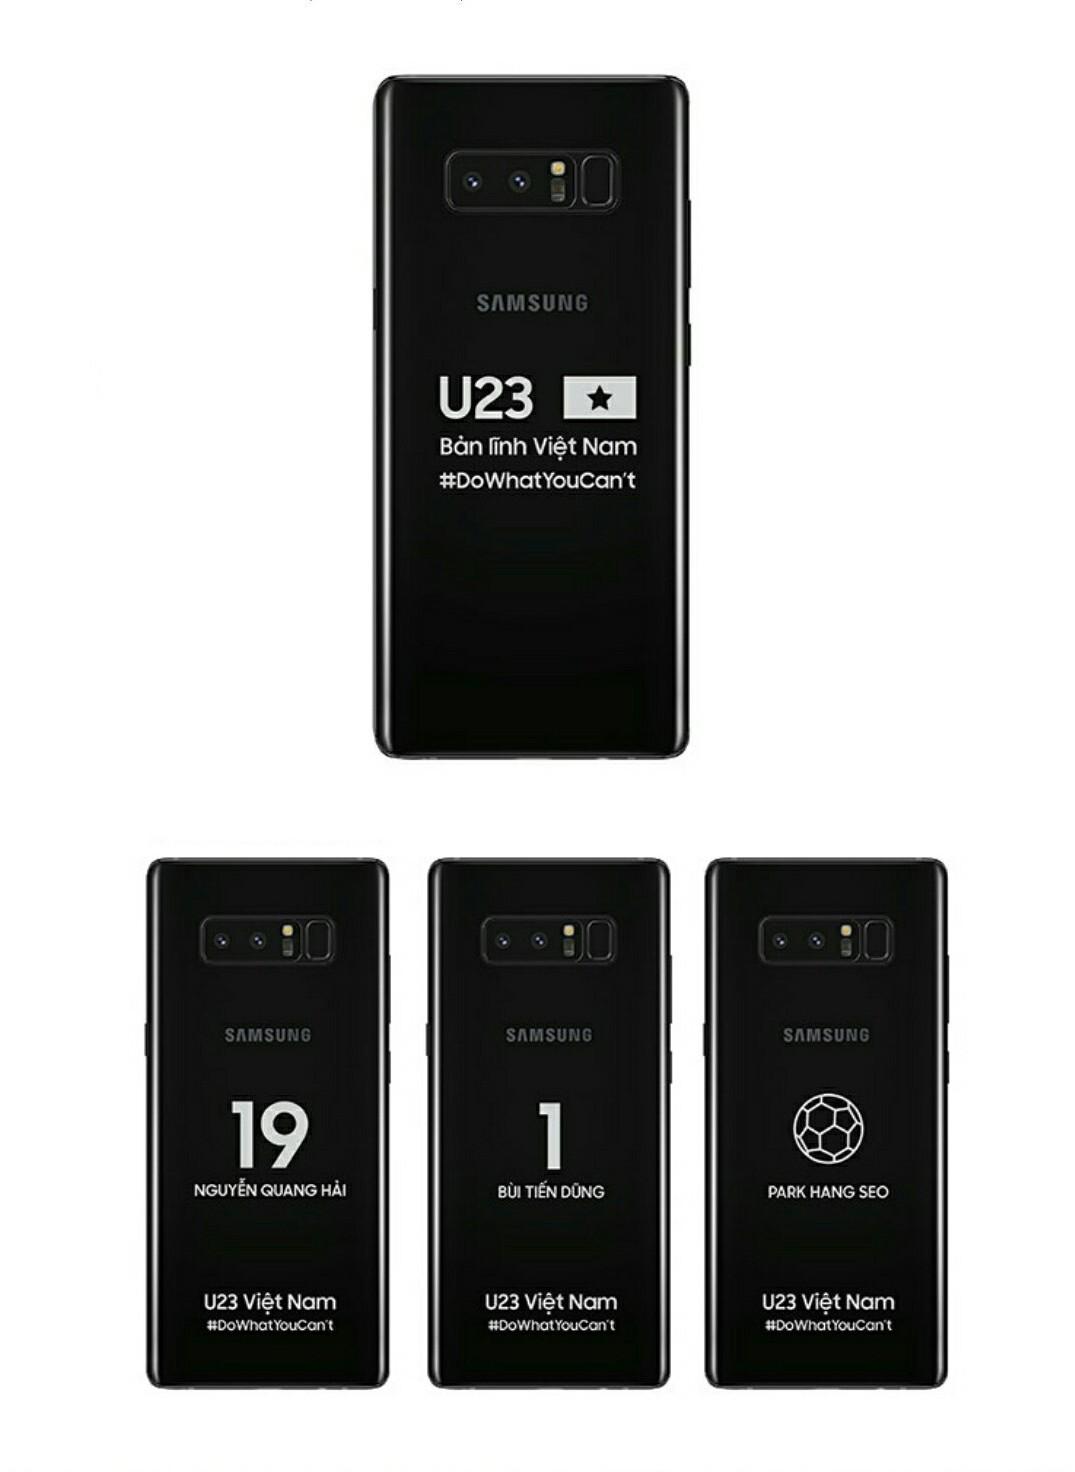 Samsung tặng mỗi cầu thủ U23 Việt Nam một điện thoại Galaxy Note 8 phiên bản hàng thửa - Ảnh 1.